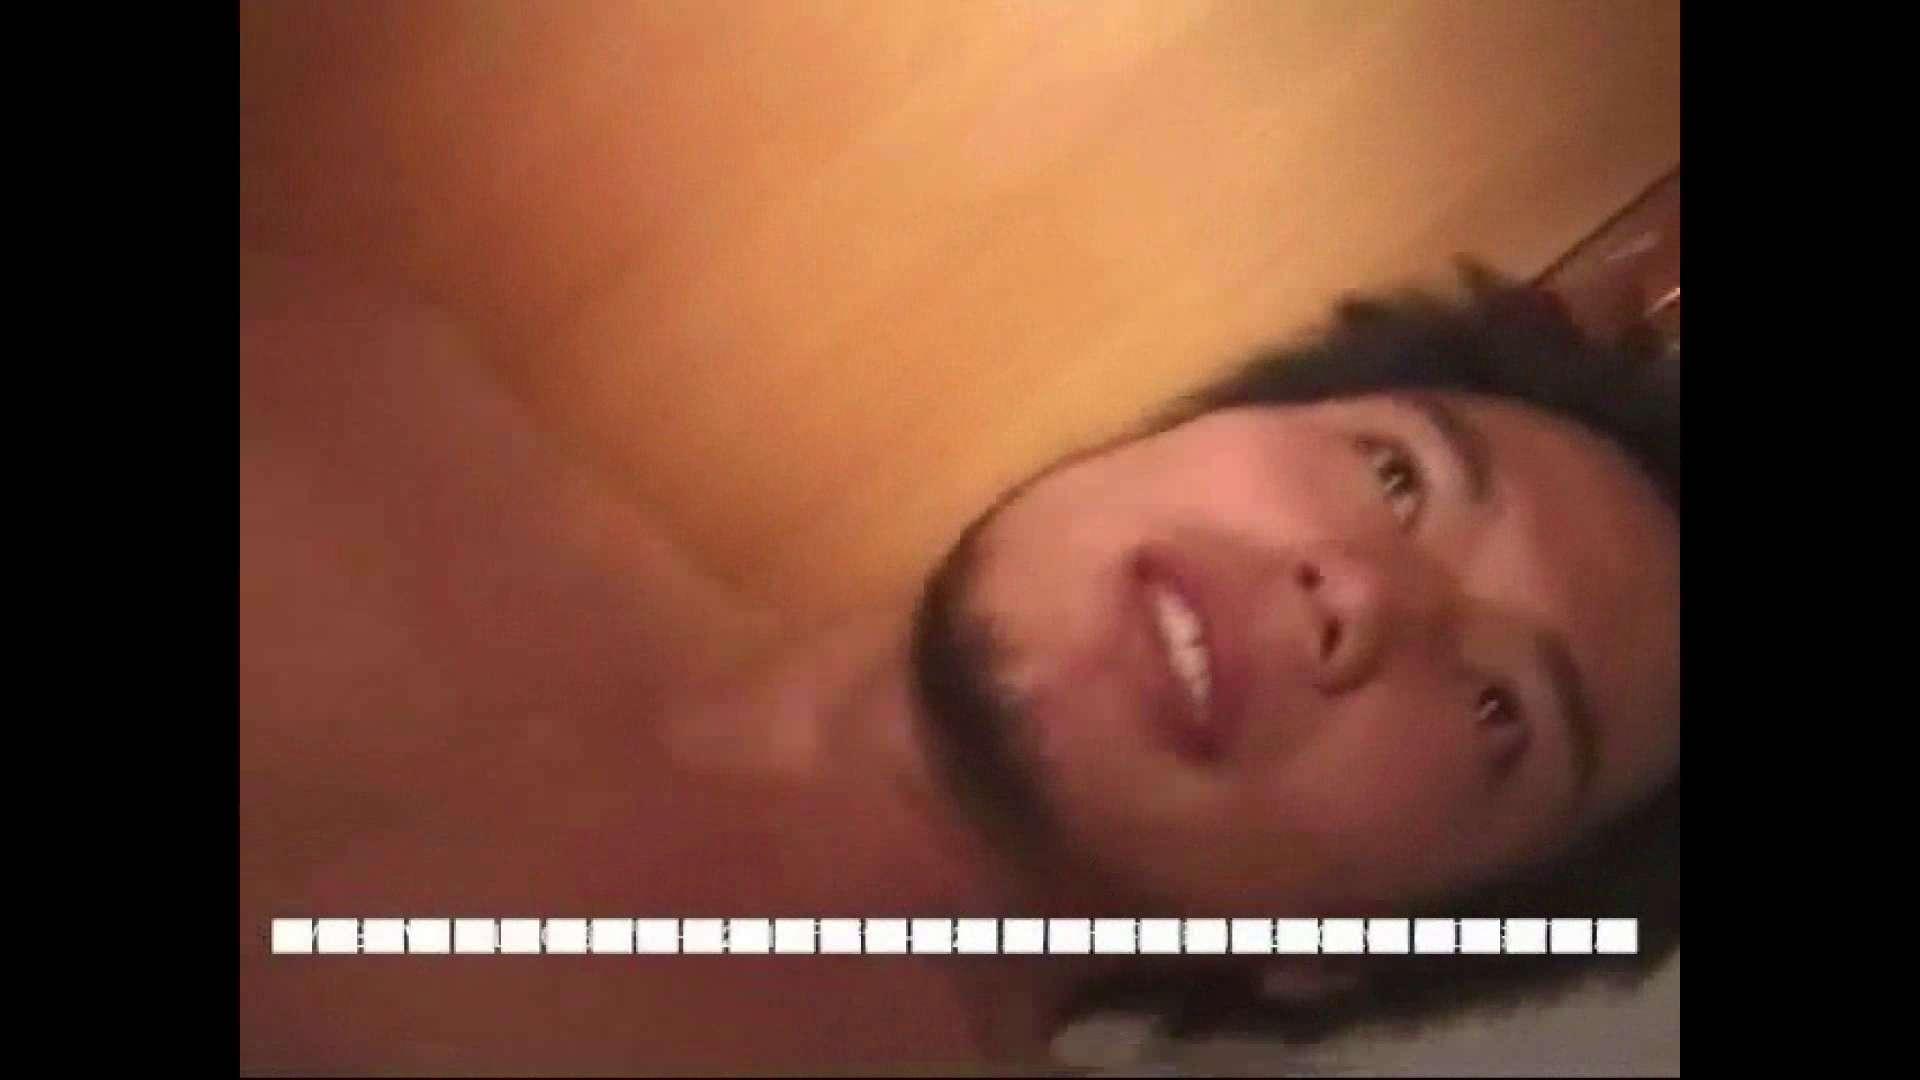 オナれ!集まれ!イケてるメンズ達!!File.23 スジ筋系マッチョマン ゲイ射精画像 68連発 8